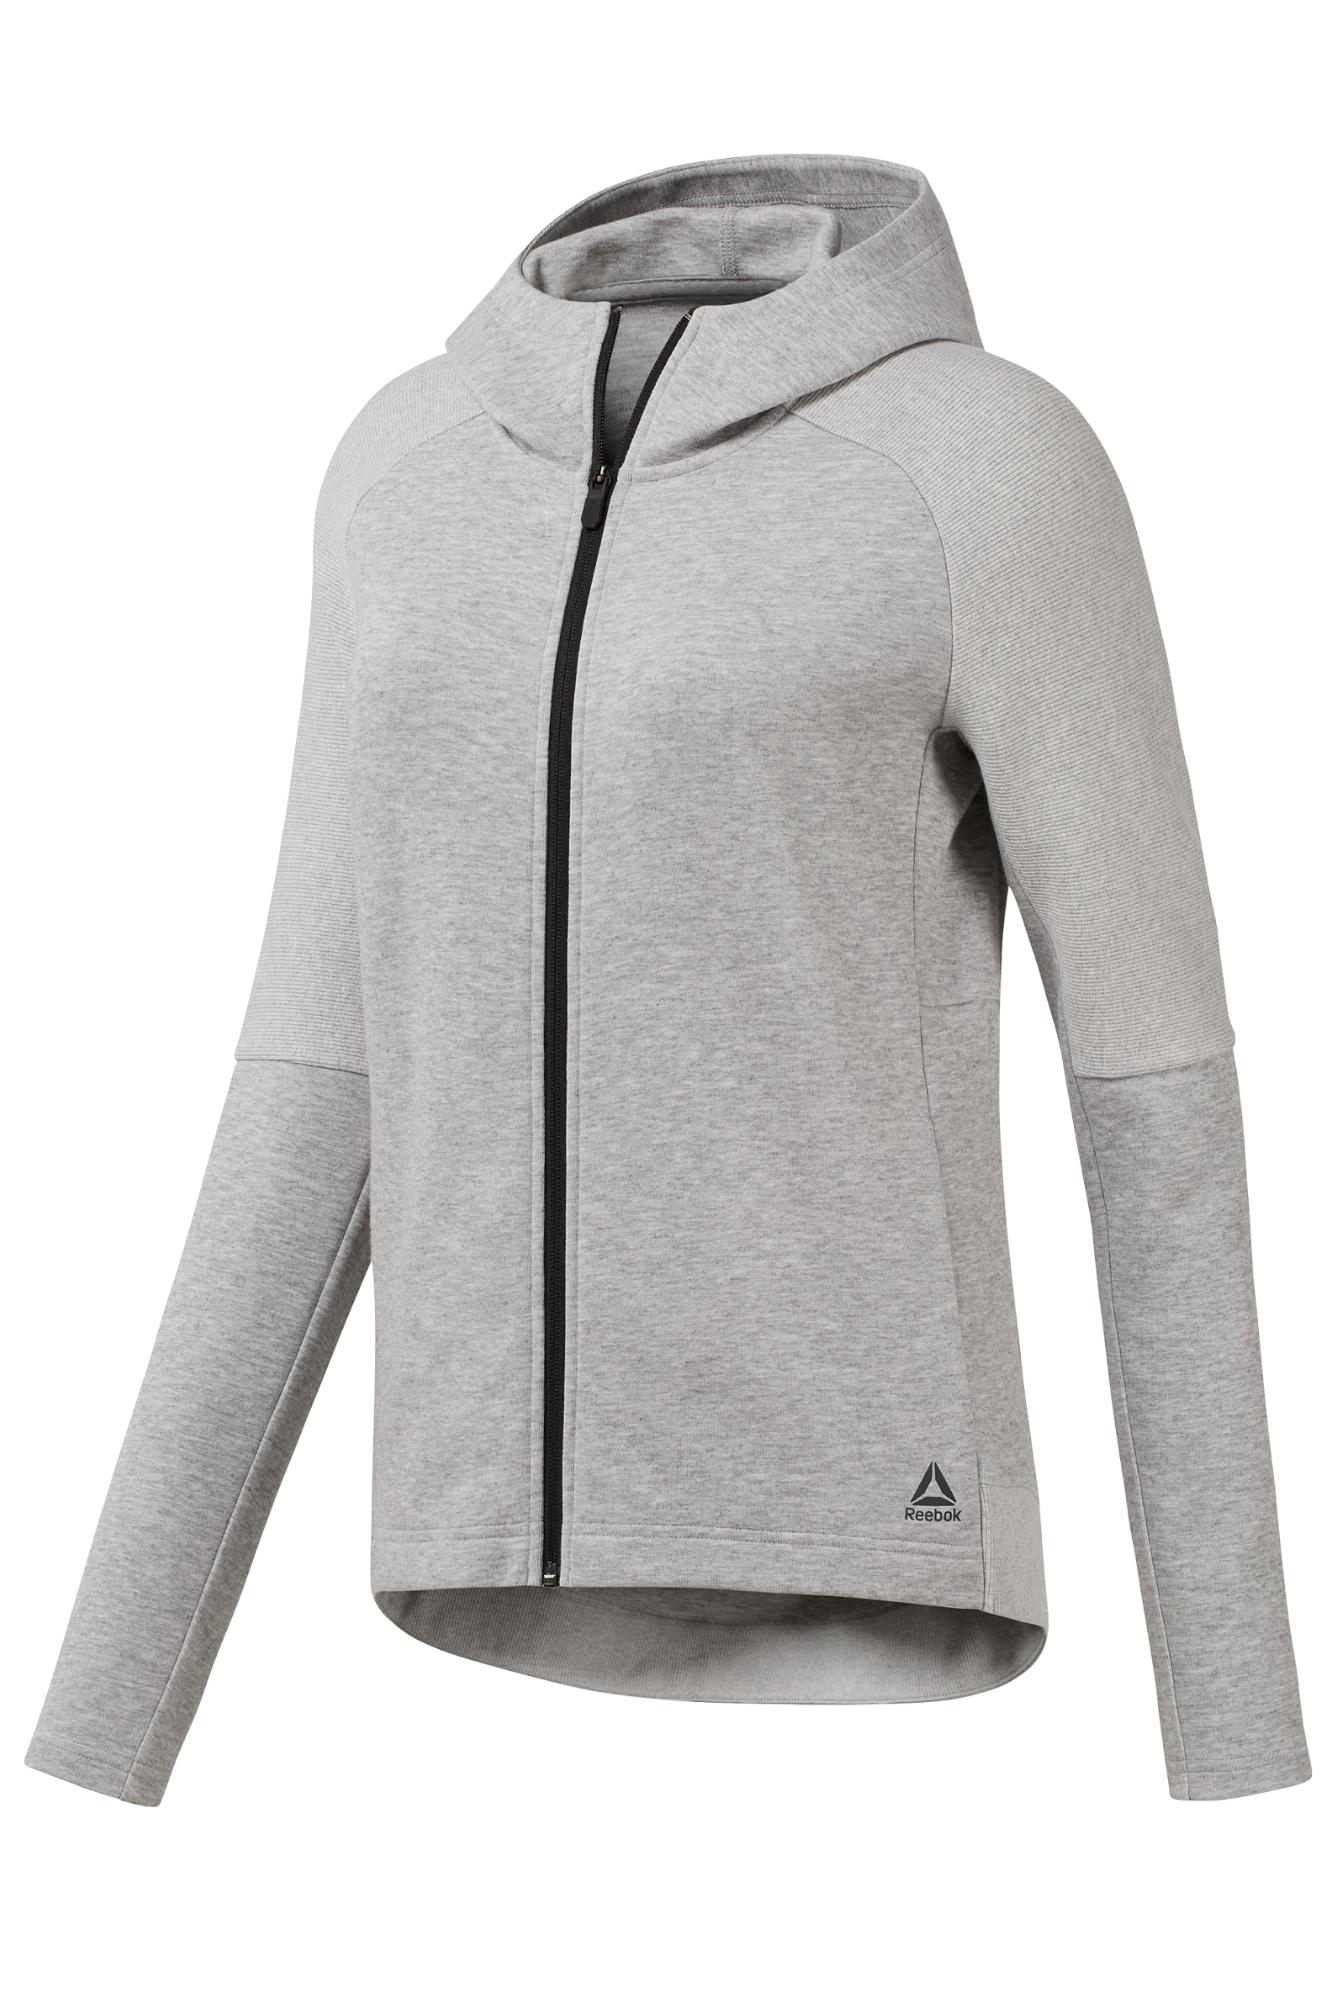 6fe3032dd Bluza Reebok Quik Cotton Full Zip - CY2358 / Bluzy/Polary / Odzież ...